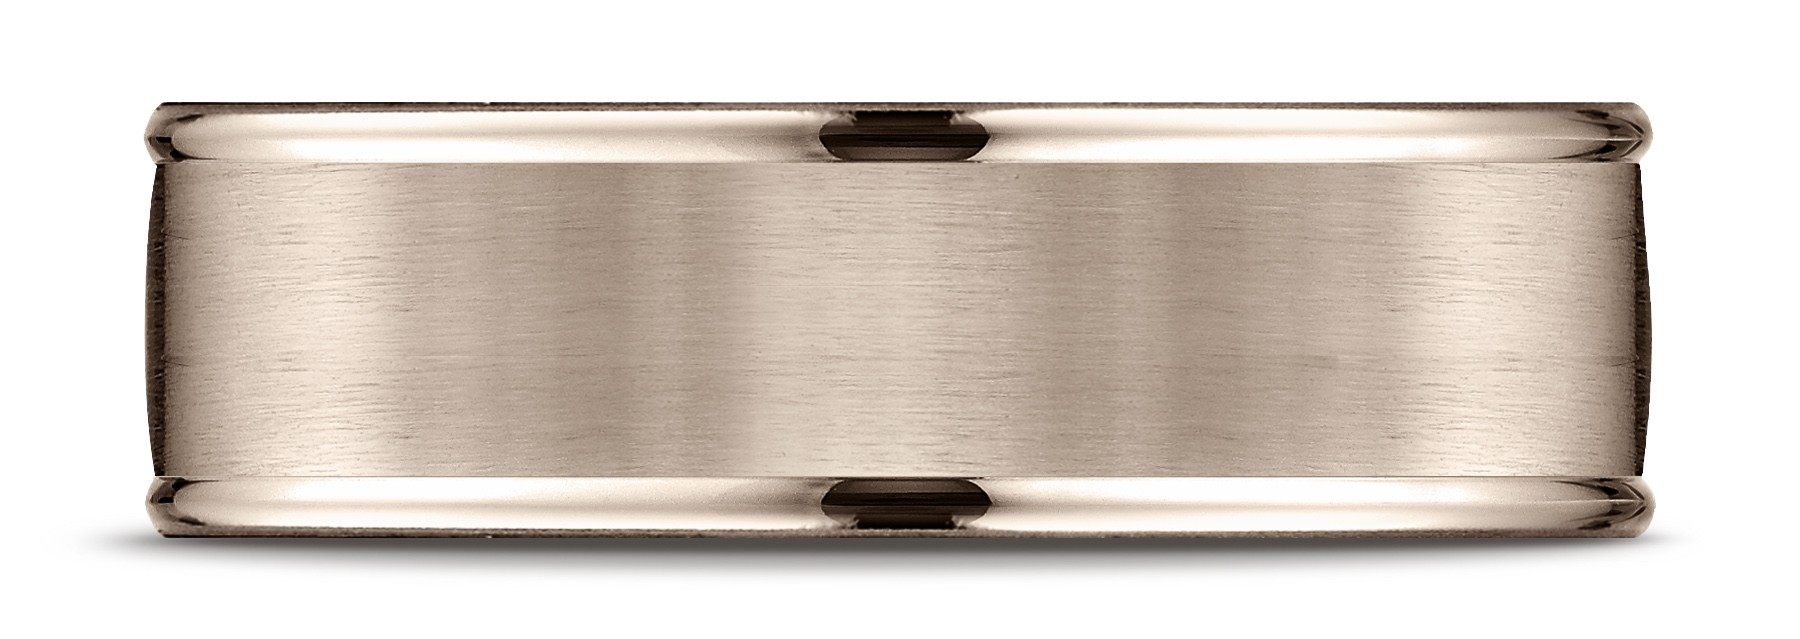 14k Rose Gold 7mm Comfort-fit Satin Finish High Polished Round Edge Carved Design Band